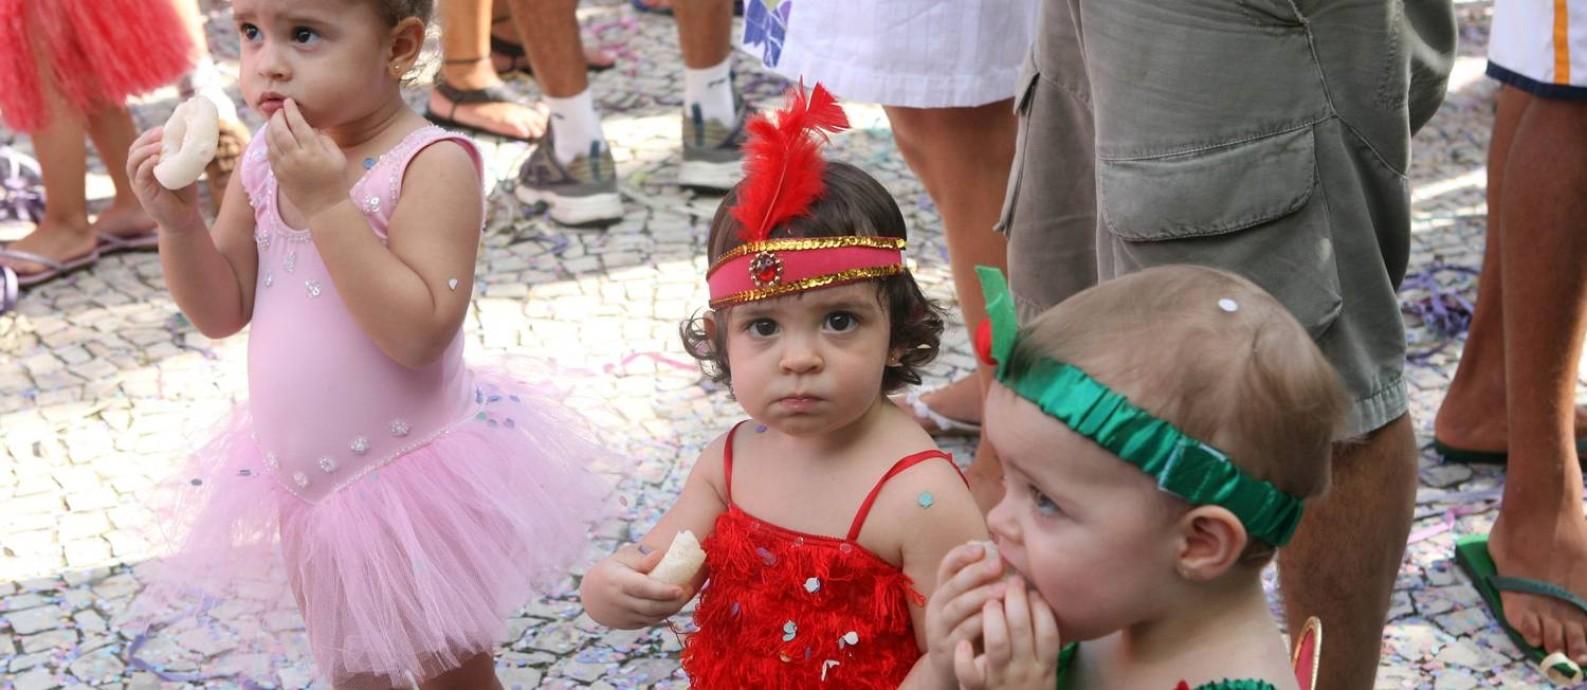 09.02.2008 - Camilla Maia - RI - Bandinha de Ipanema desfila na Praça General Osório em Ipanema Foto: Camilla Maia / Divulgação